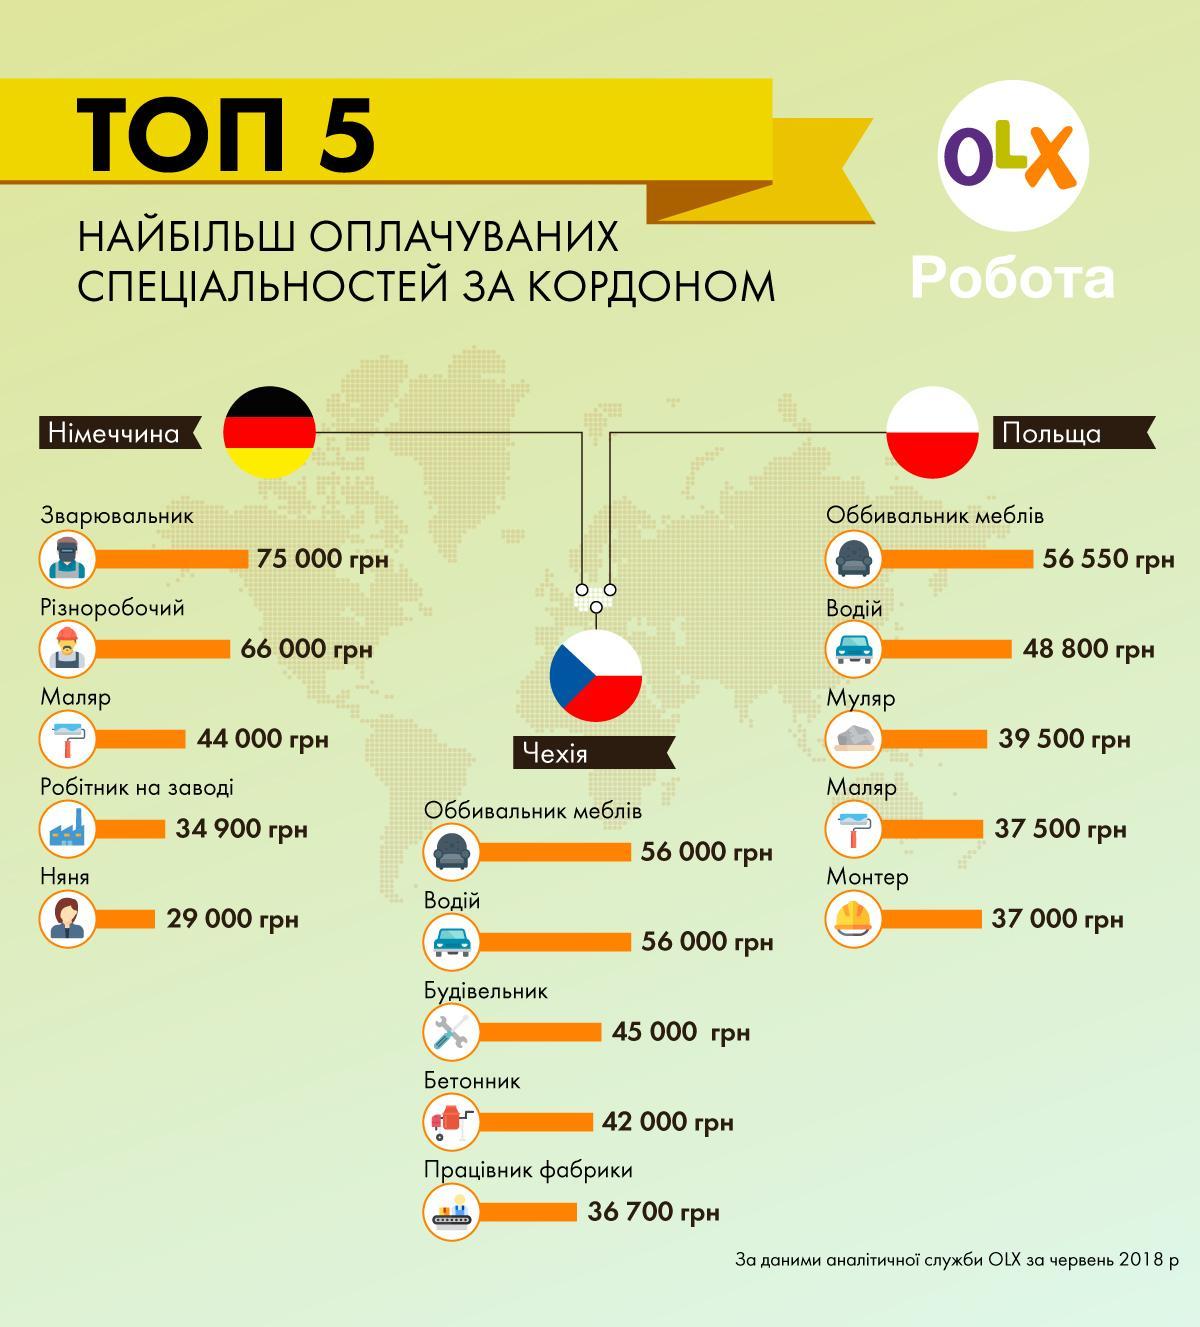 """Беззаперечним лідером з працевлаштування українців є Польща. На OLX Робота  у категорії """"робота за кордоном"""" на Польщу припадає 77% усіх вакансій. 2a576e8c370a4"""